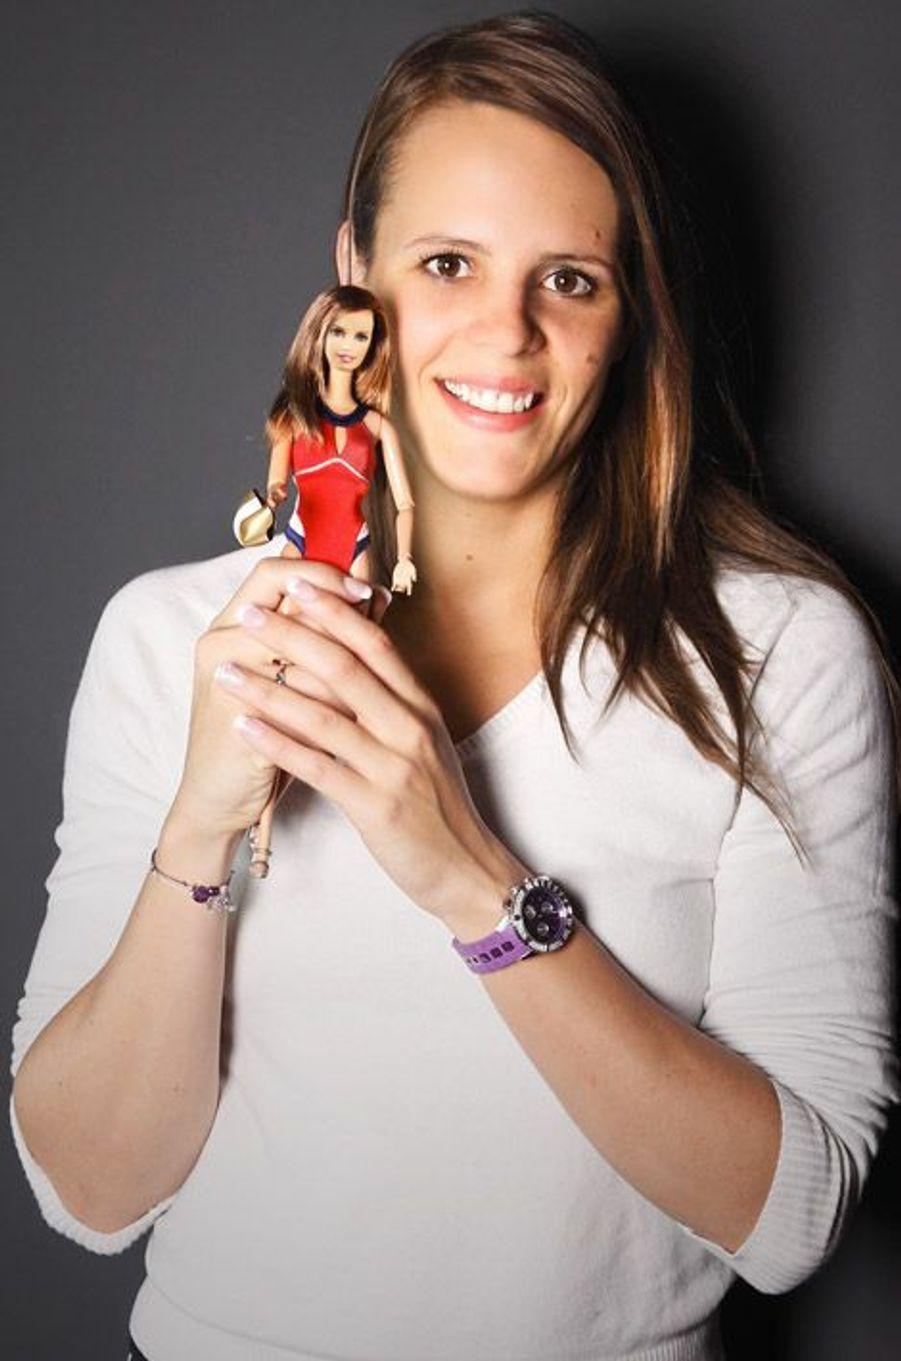 La championne de natation, Laure Manaudou, découvre sa Barbie en 2010